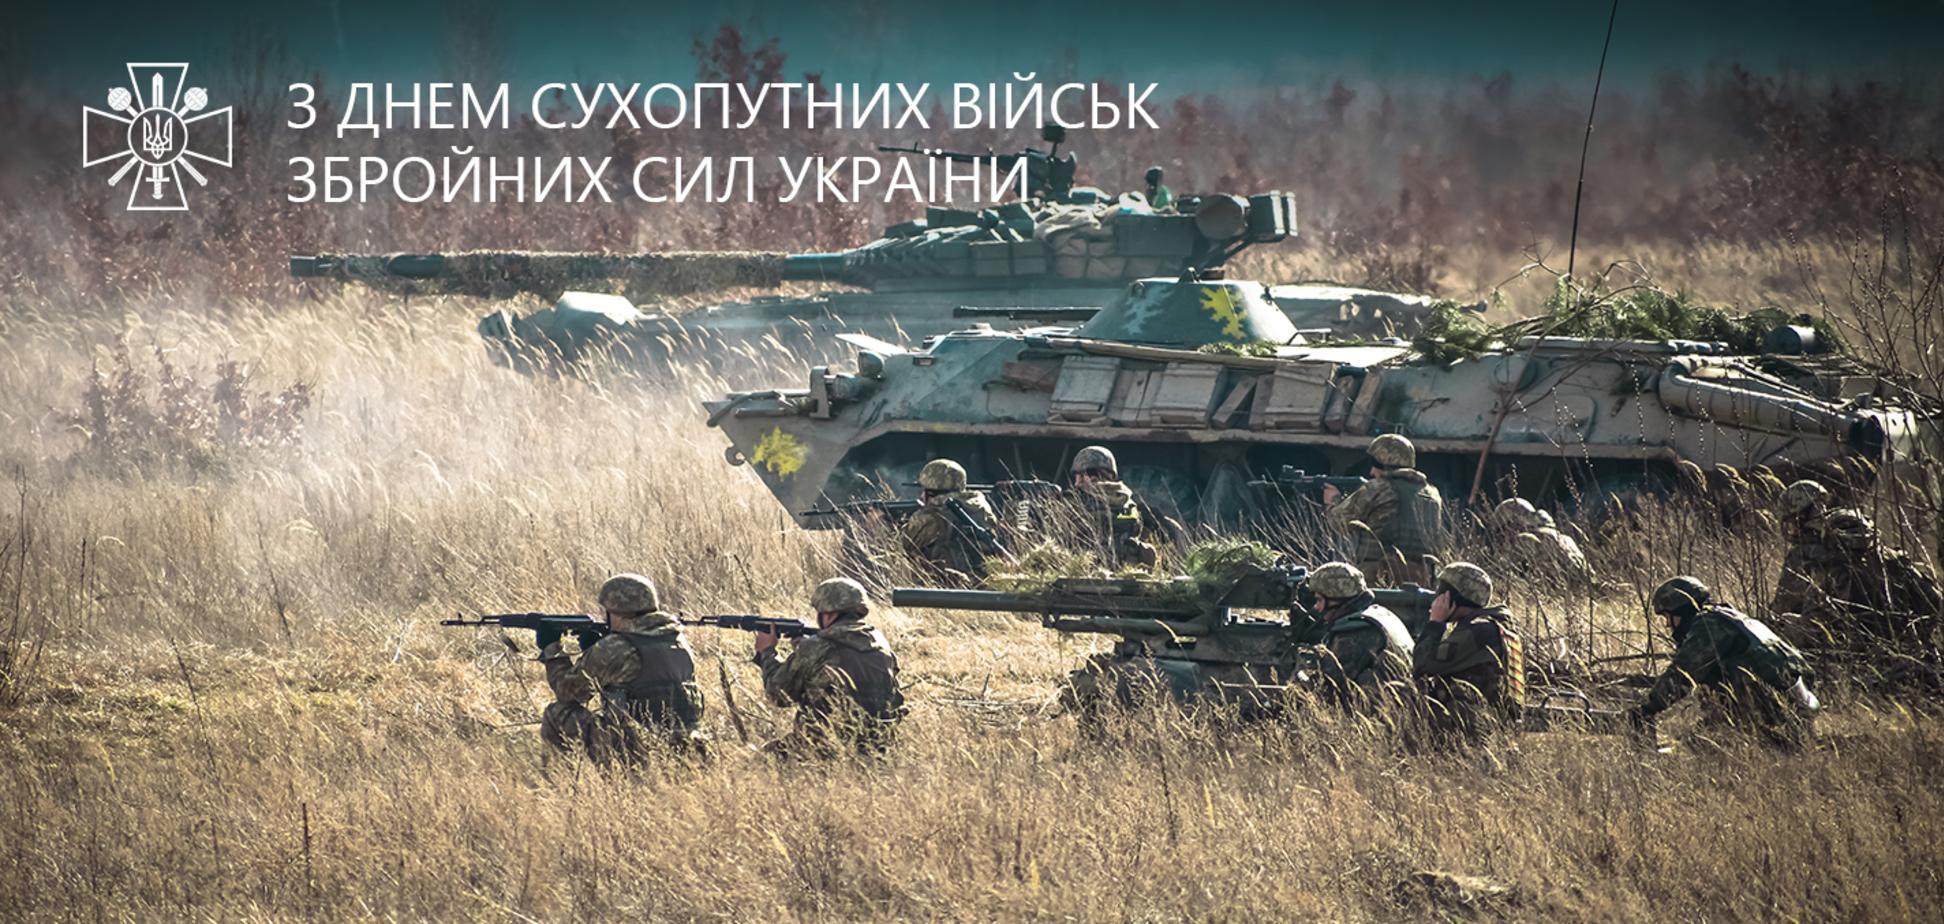 День сухопутных войск Украины отмечается ежегодно 12 декабря